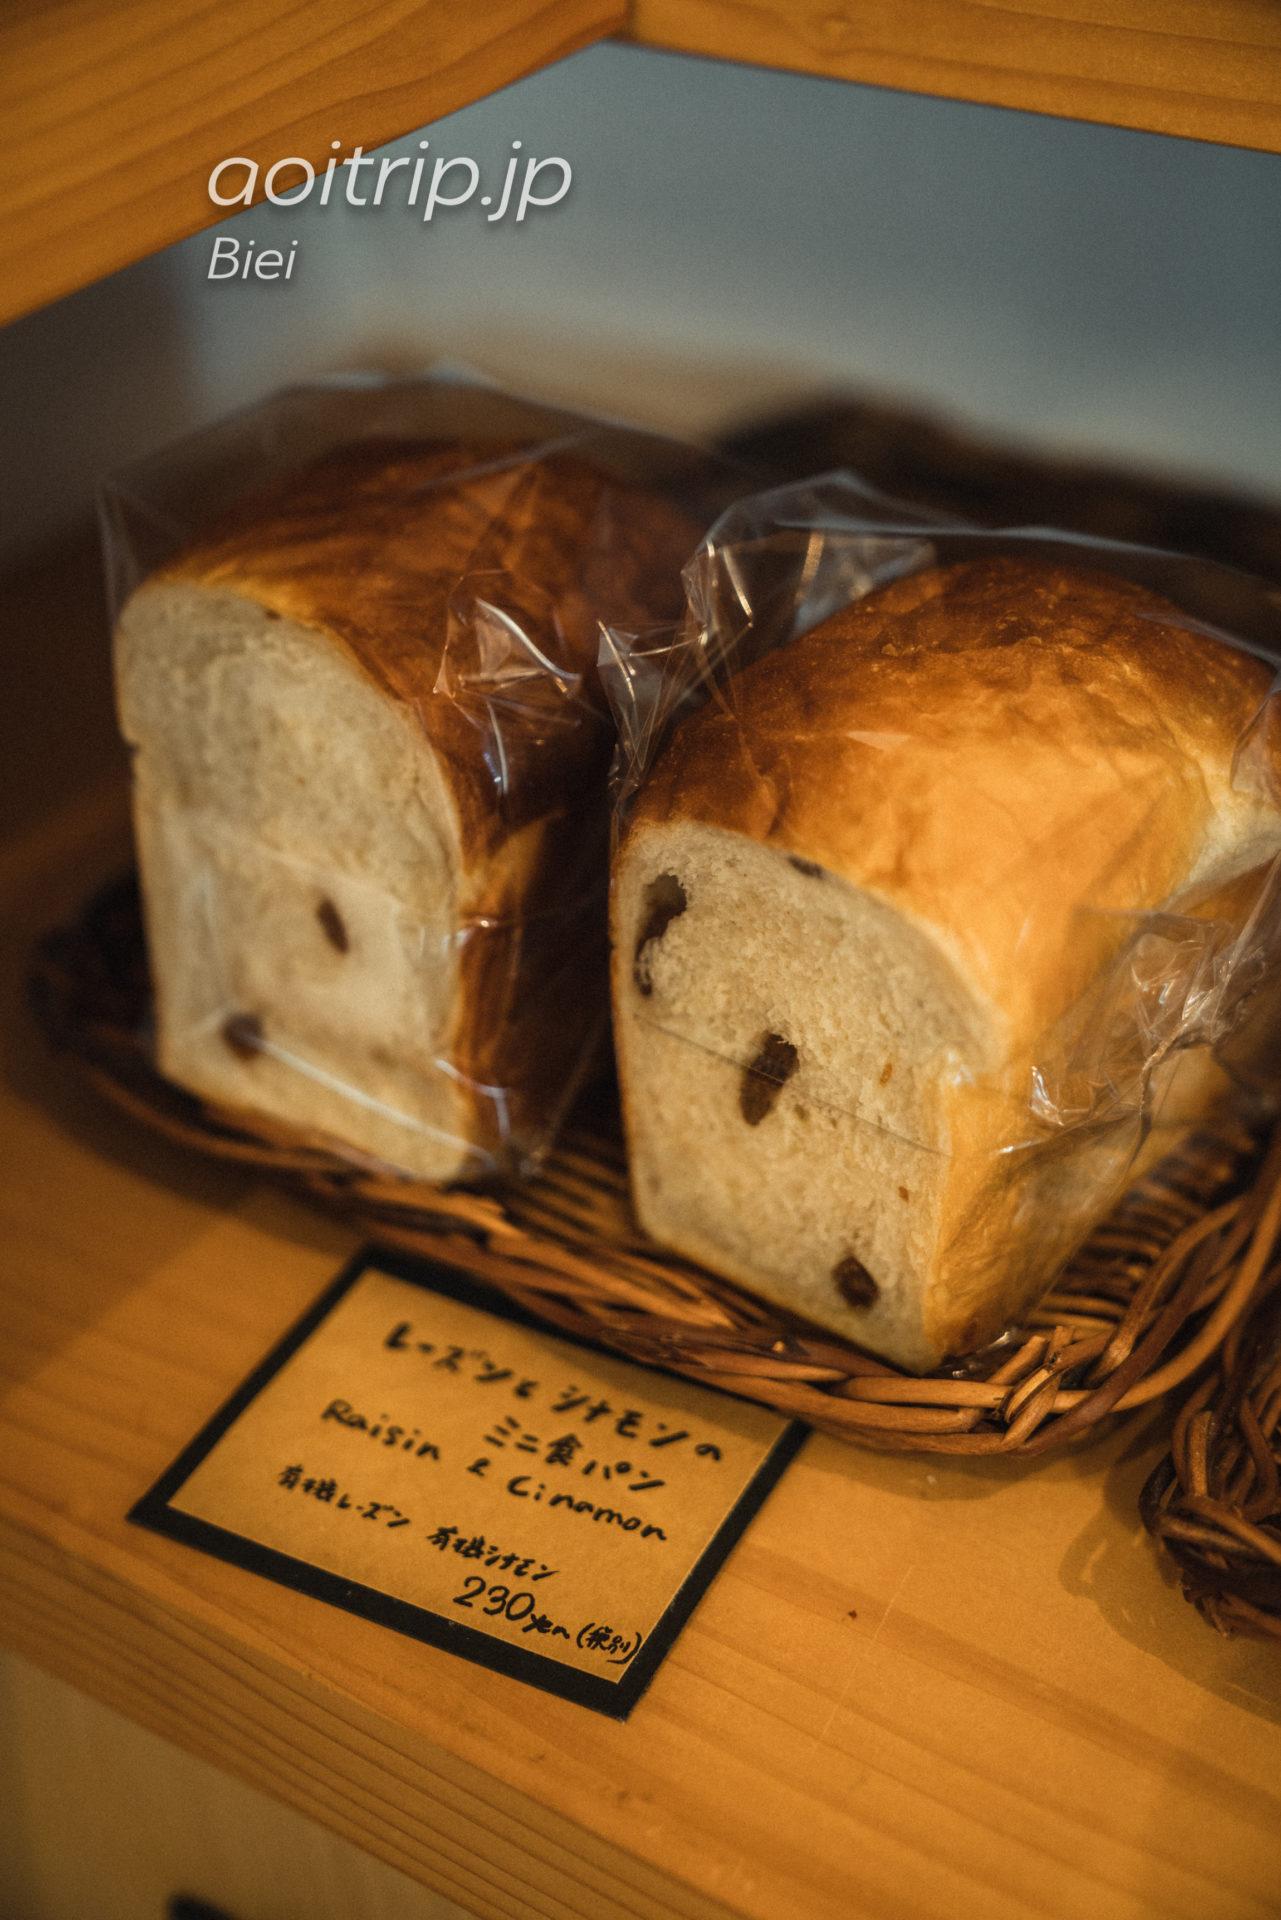 美瑛のリッカロッカ レーズンとシナモンのミニ食パン